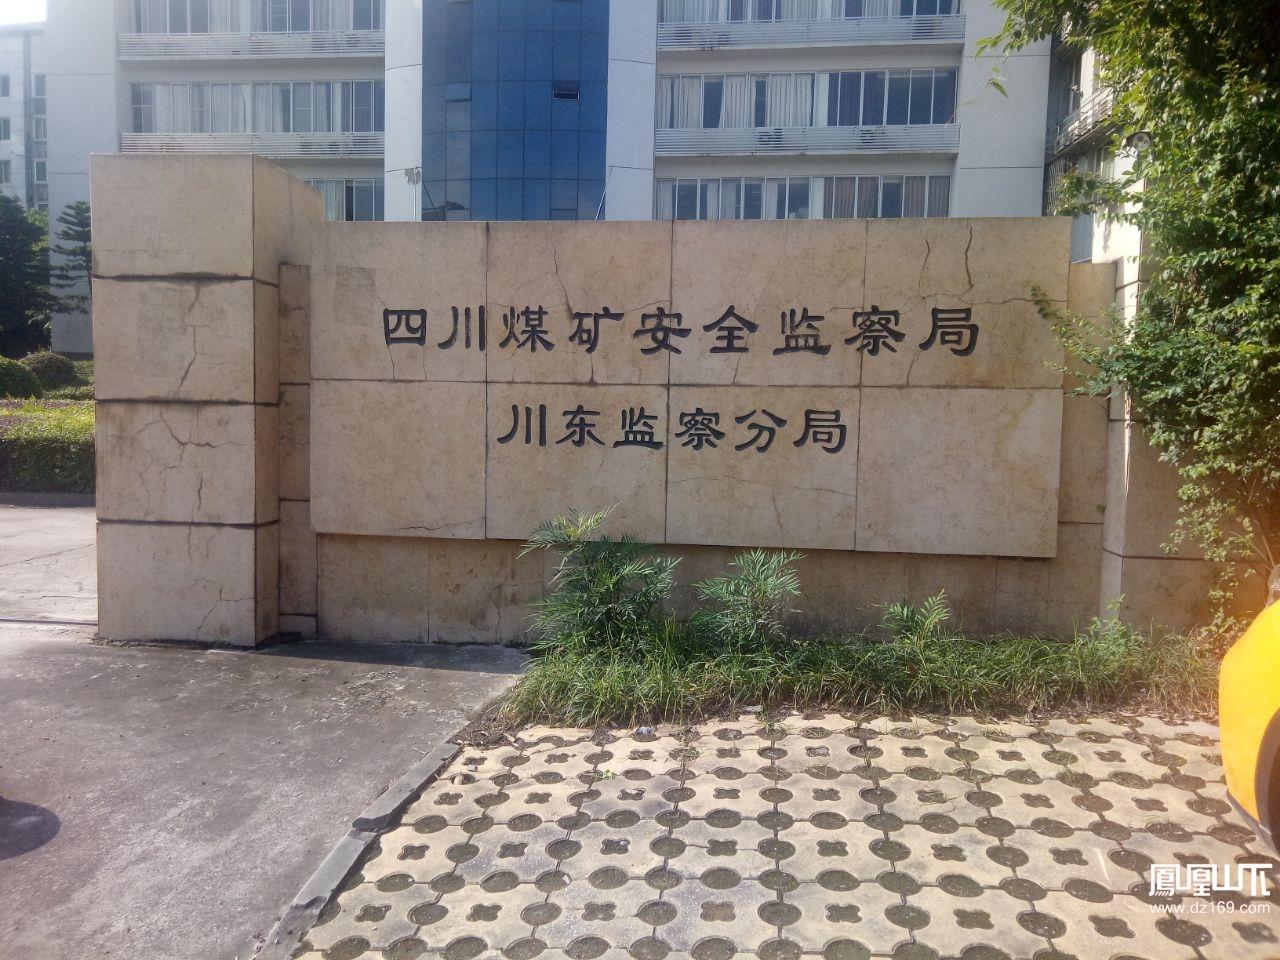 呼叫北京亮剑大竹隐瞒矿难官伞警伞保护伞